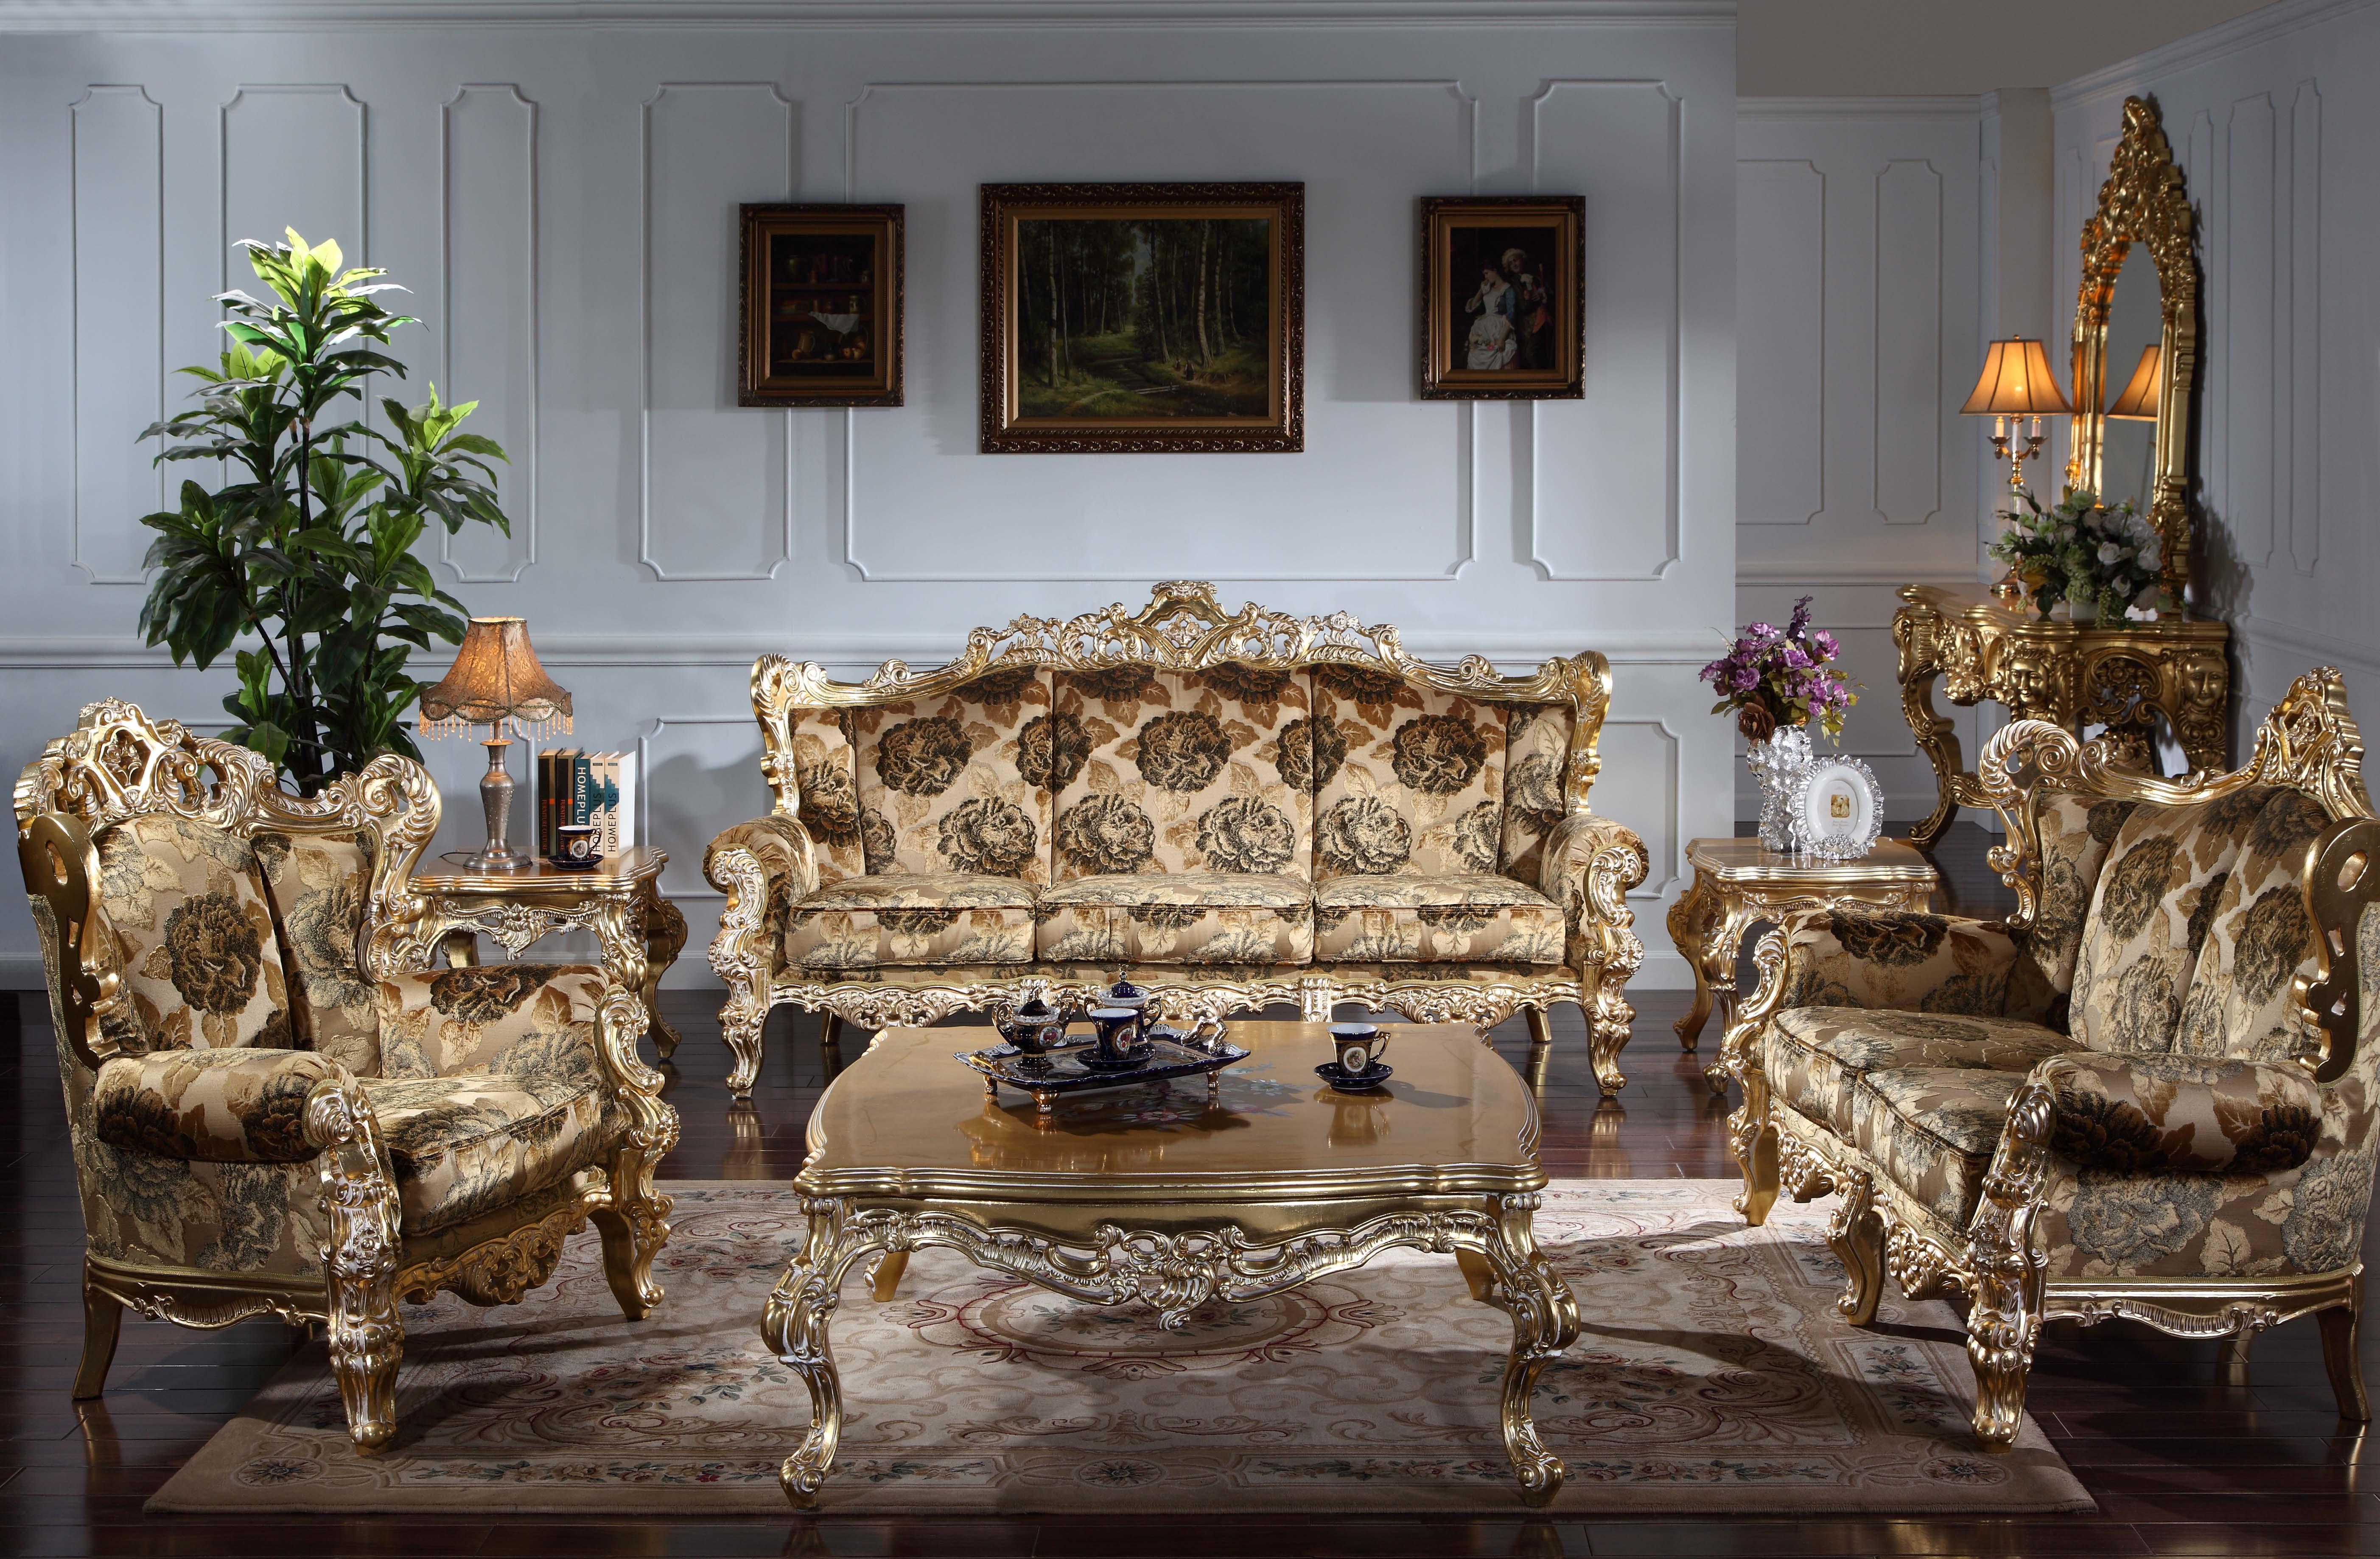 Mobili Italiani Di Lusso : Acquista mobili soggiorno classico barocco divano classico europeo